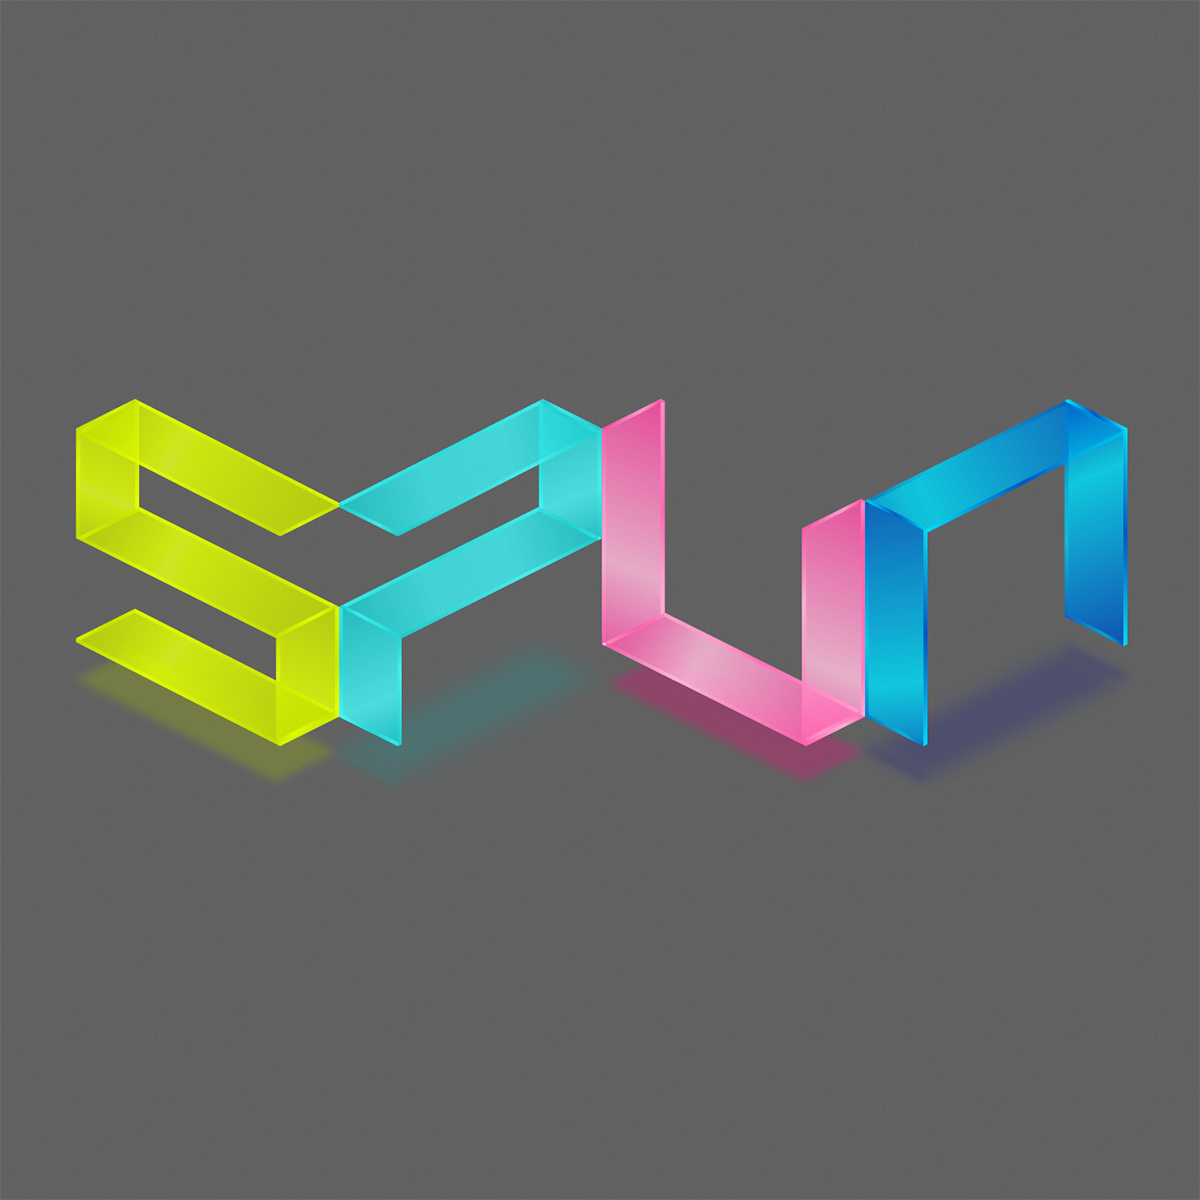 Isometric Perspective logo pink turqouise Spun